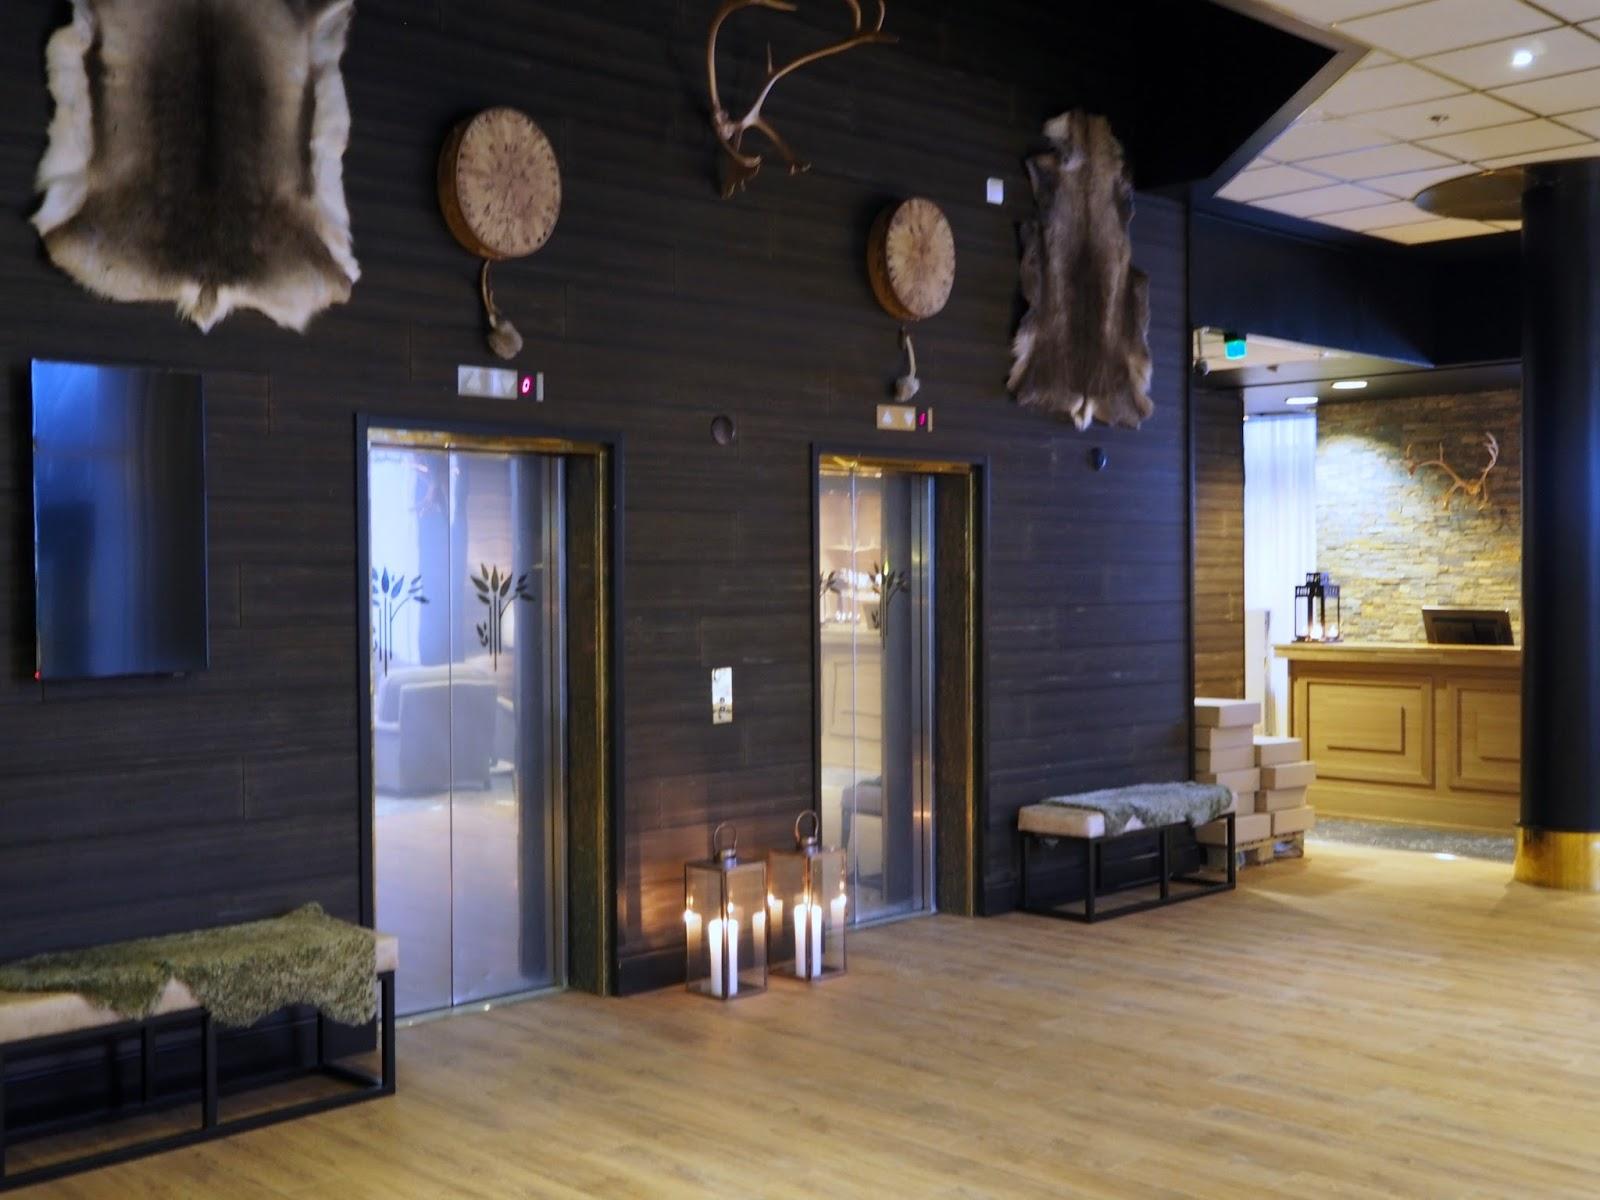 Lapland Hotel Oulu hotelli